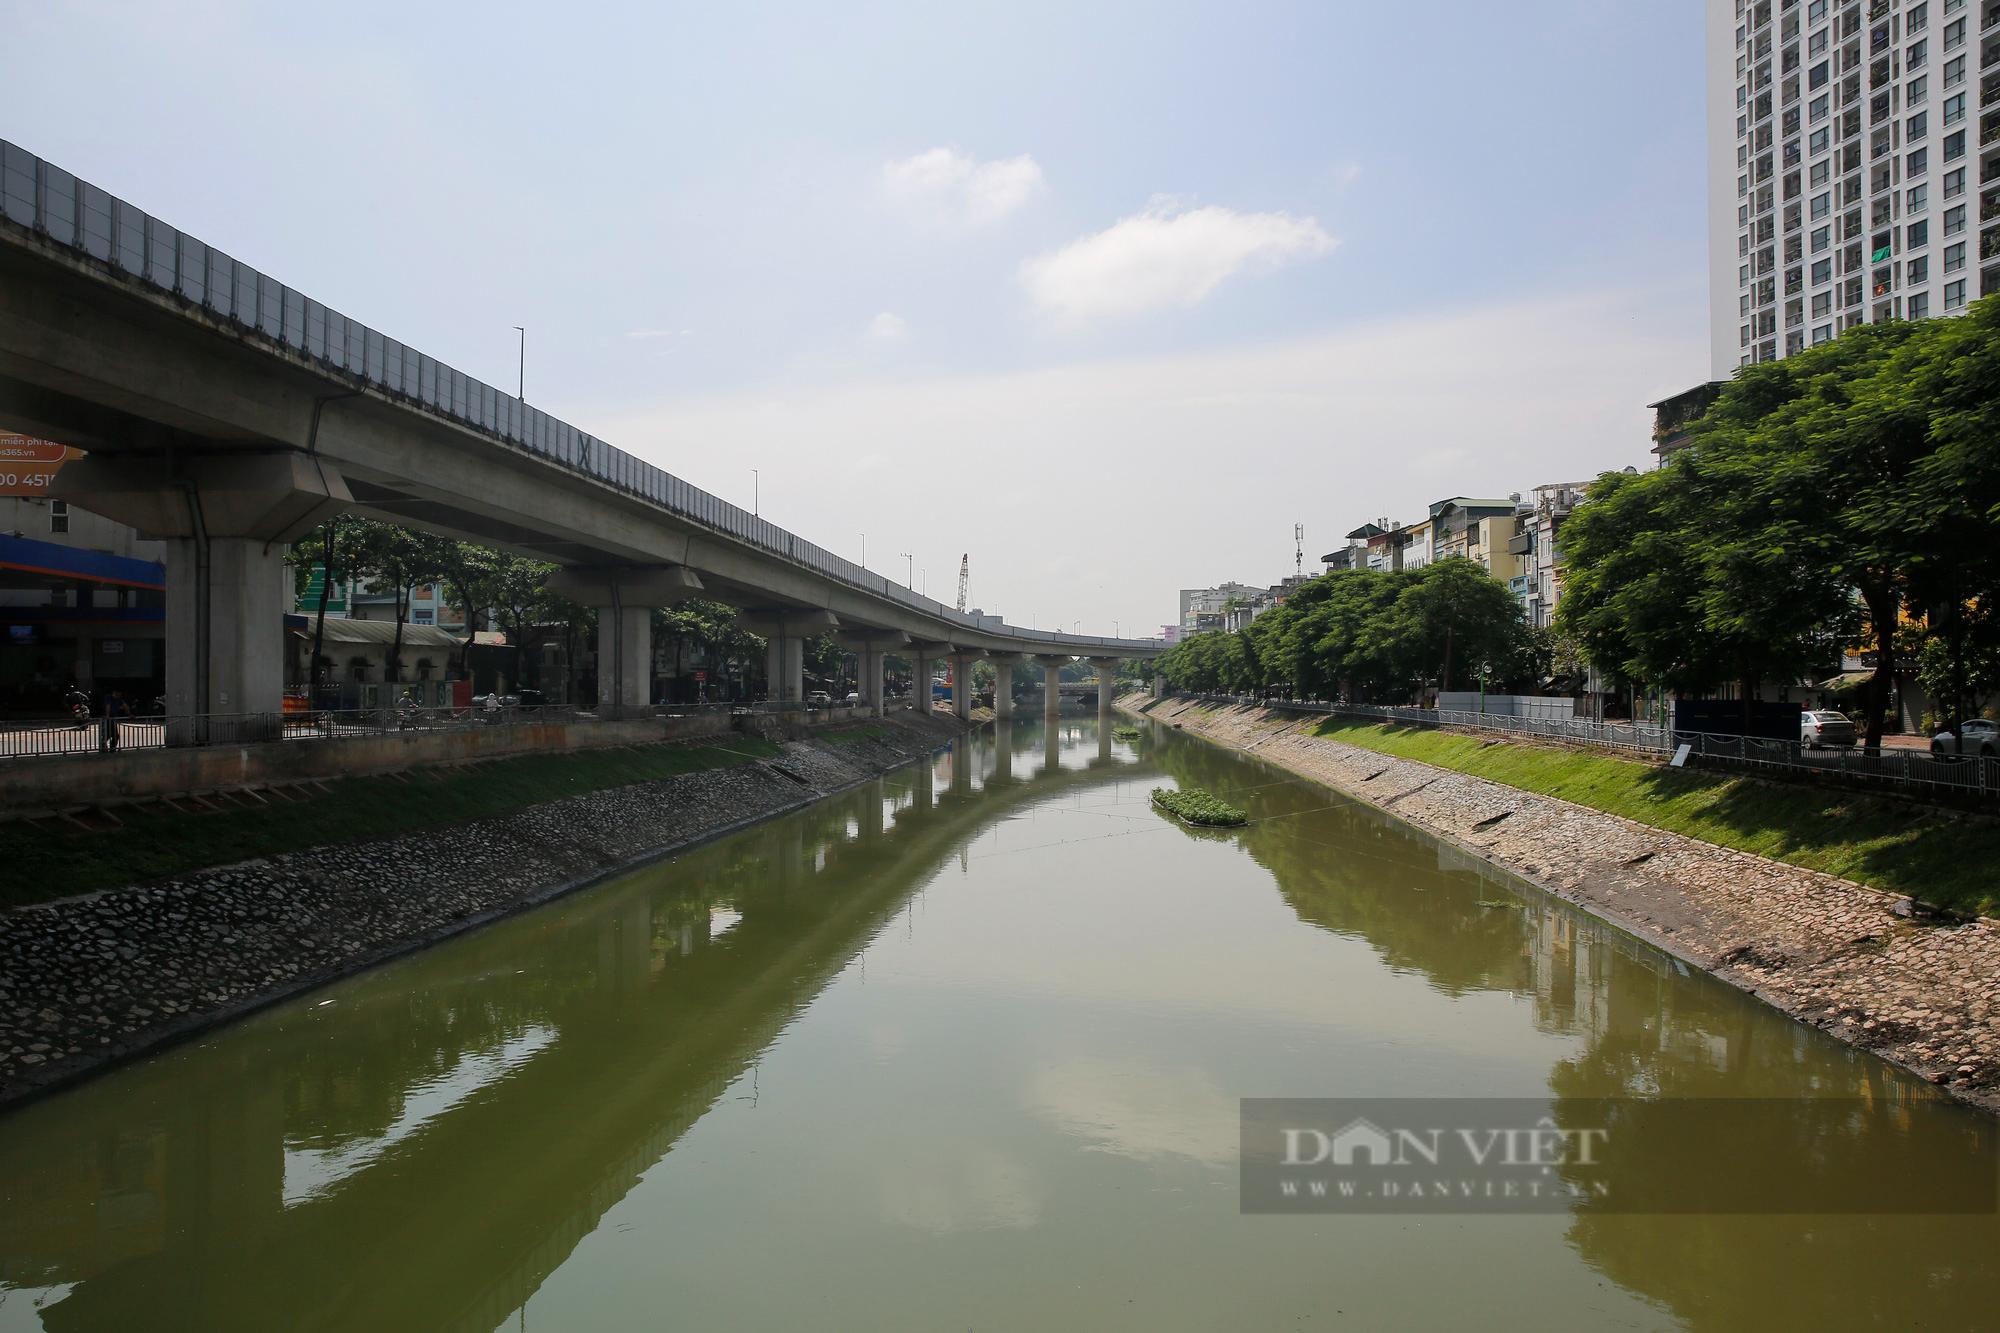 Vẻ đẹp khác lạ của con sông ô nhiễm nhất Hà Nội sau khi đổi màu nước - Ảnh 5.